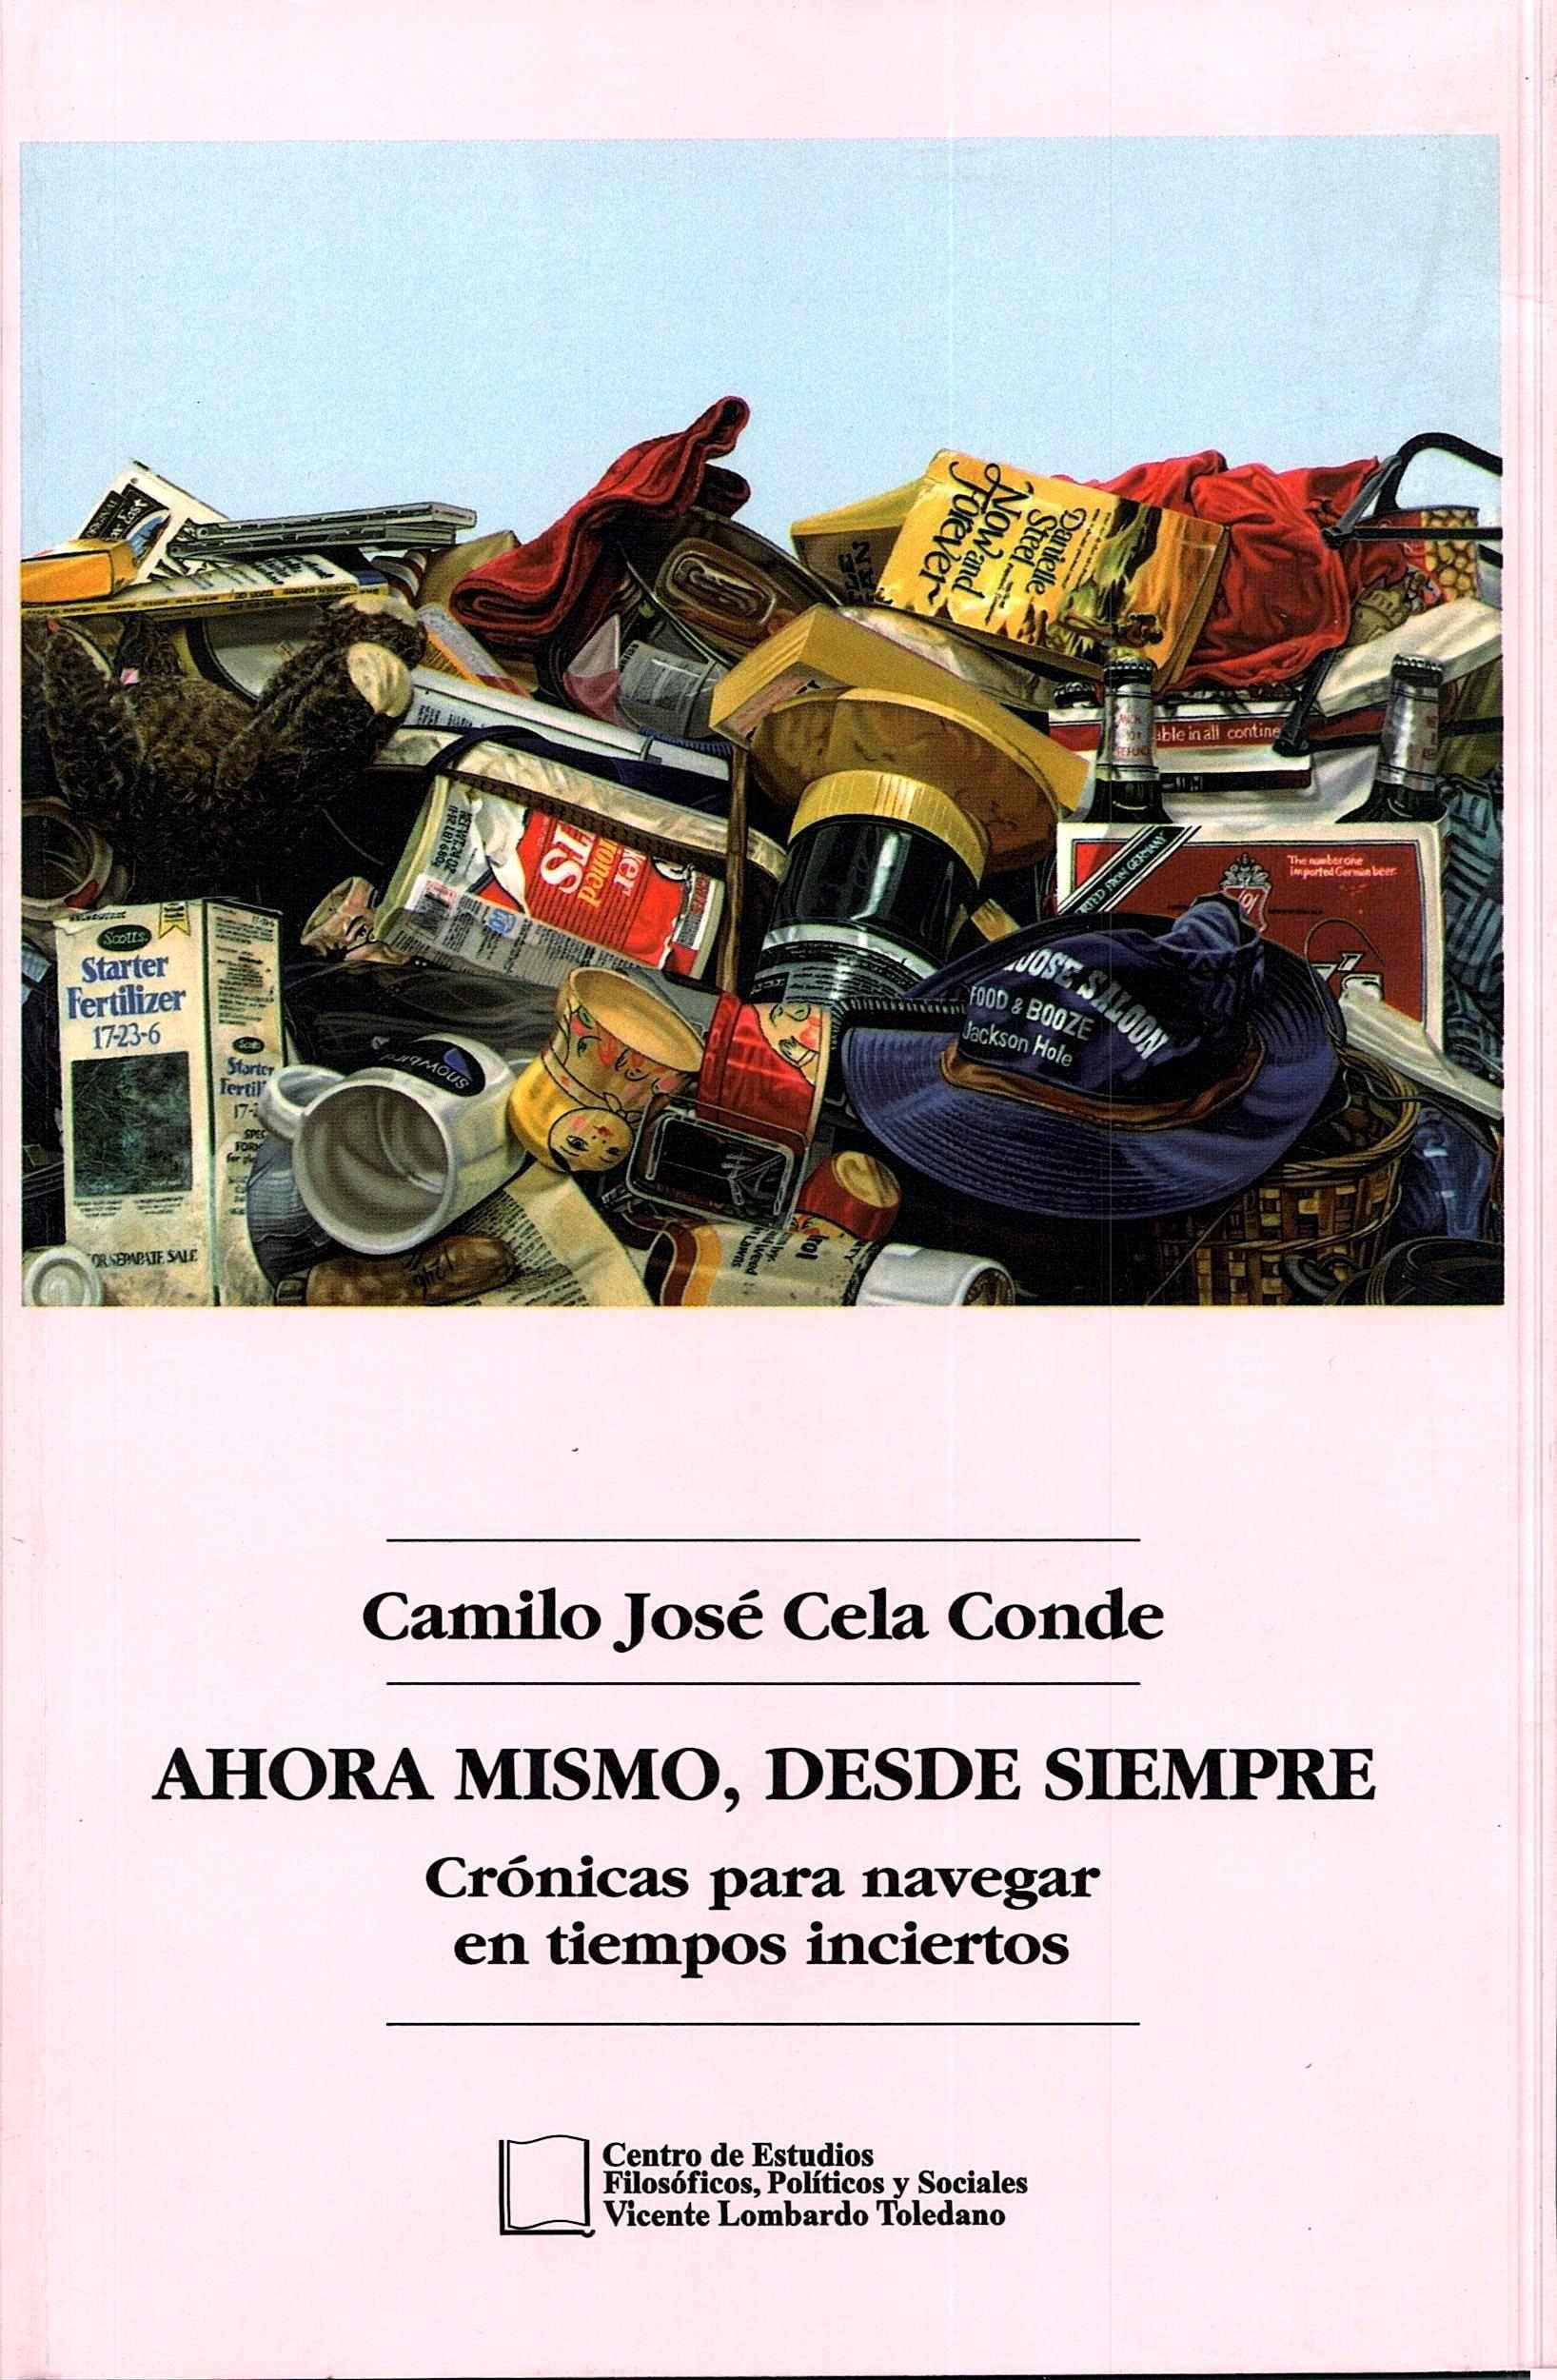 Portada del libro: AHORA MISMO, DESDE SIEMPRE: CRÓNICAS PARA NAVEGAR EN TIEMPOS INCIERTOS